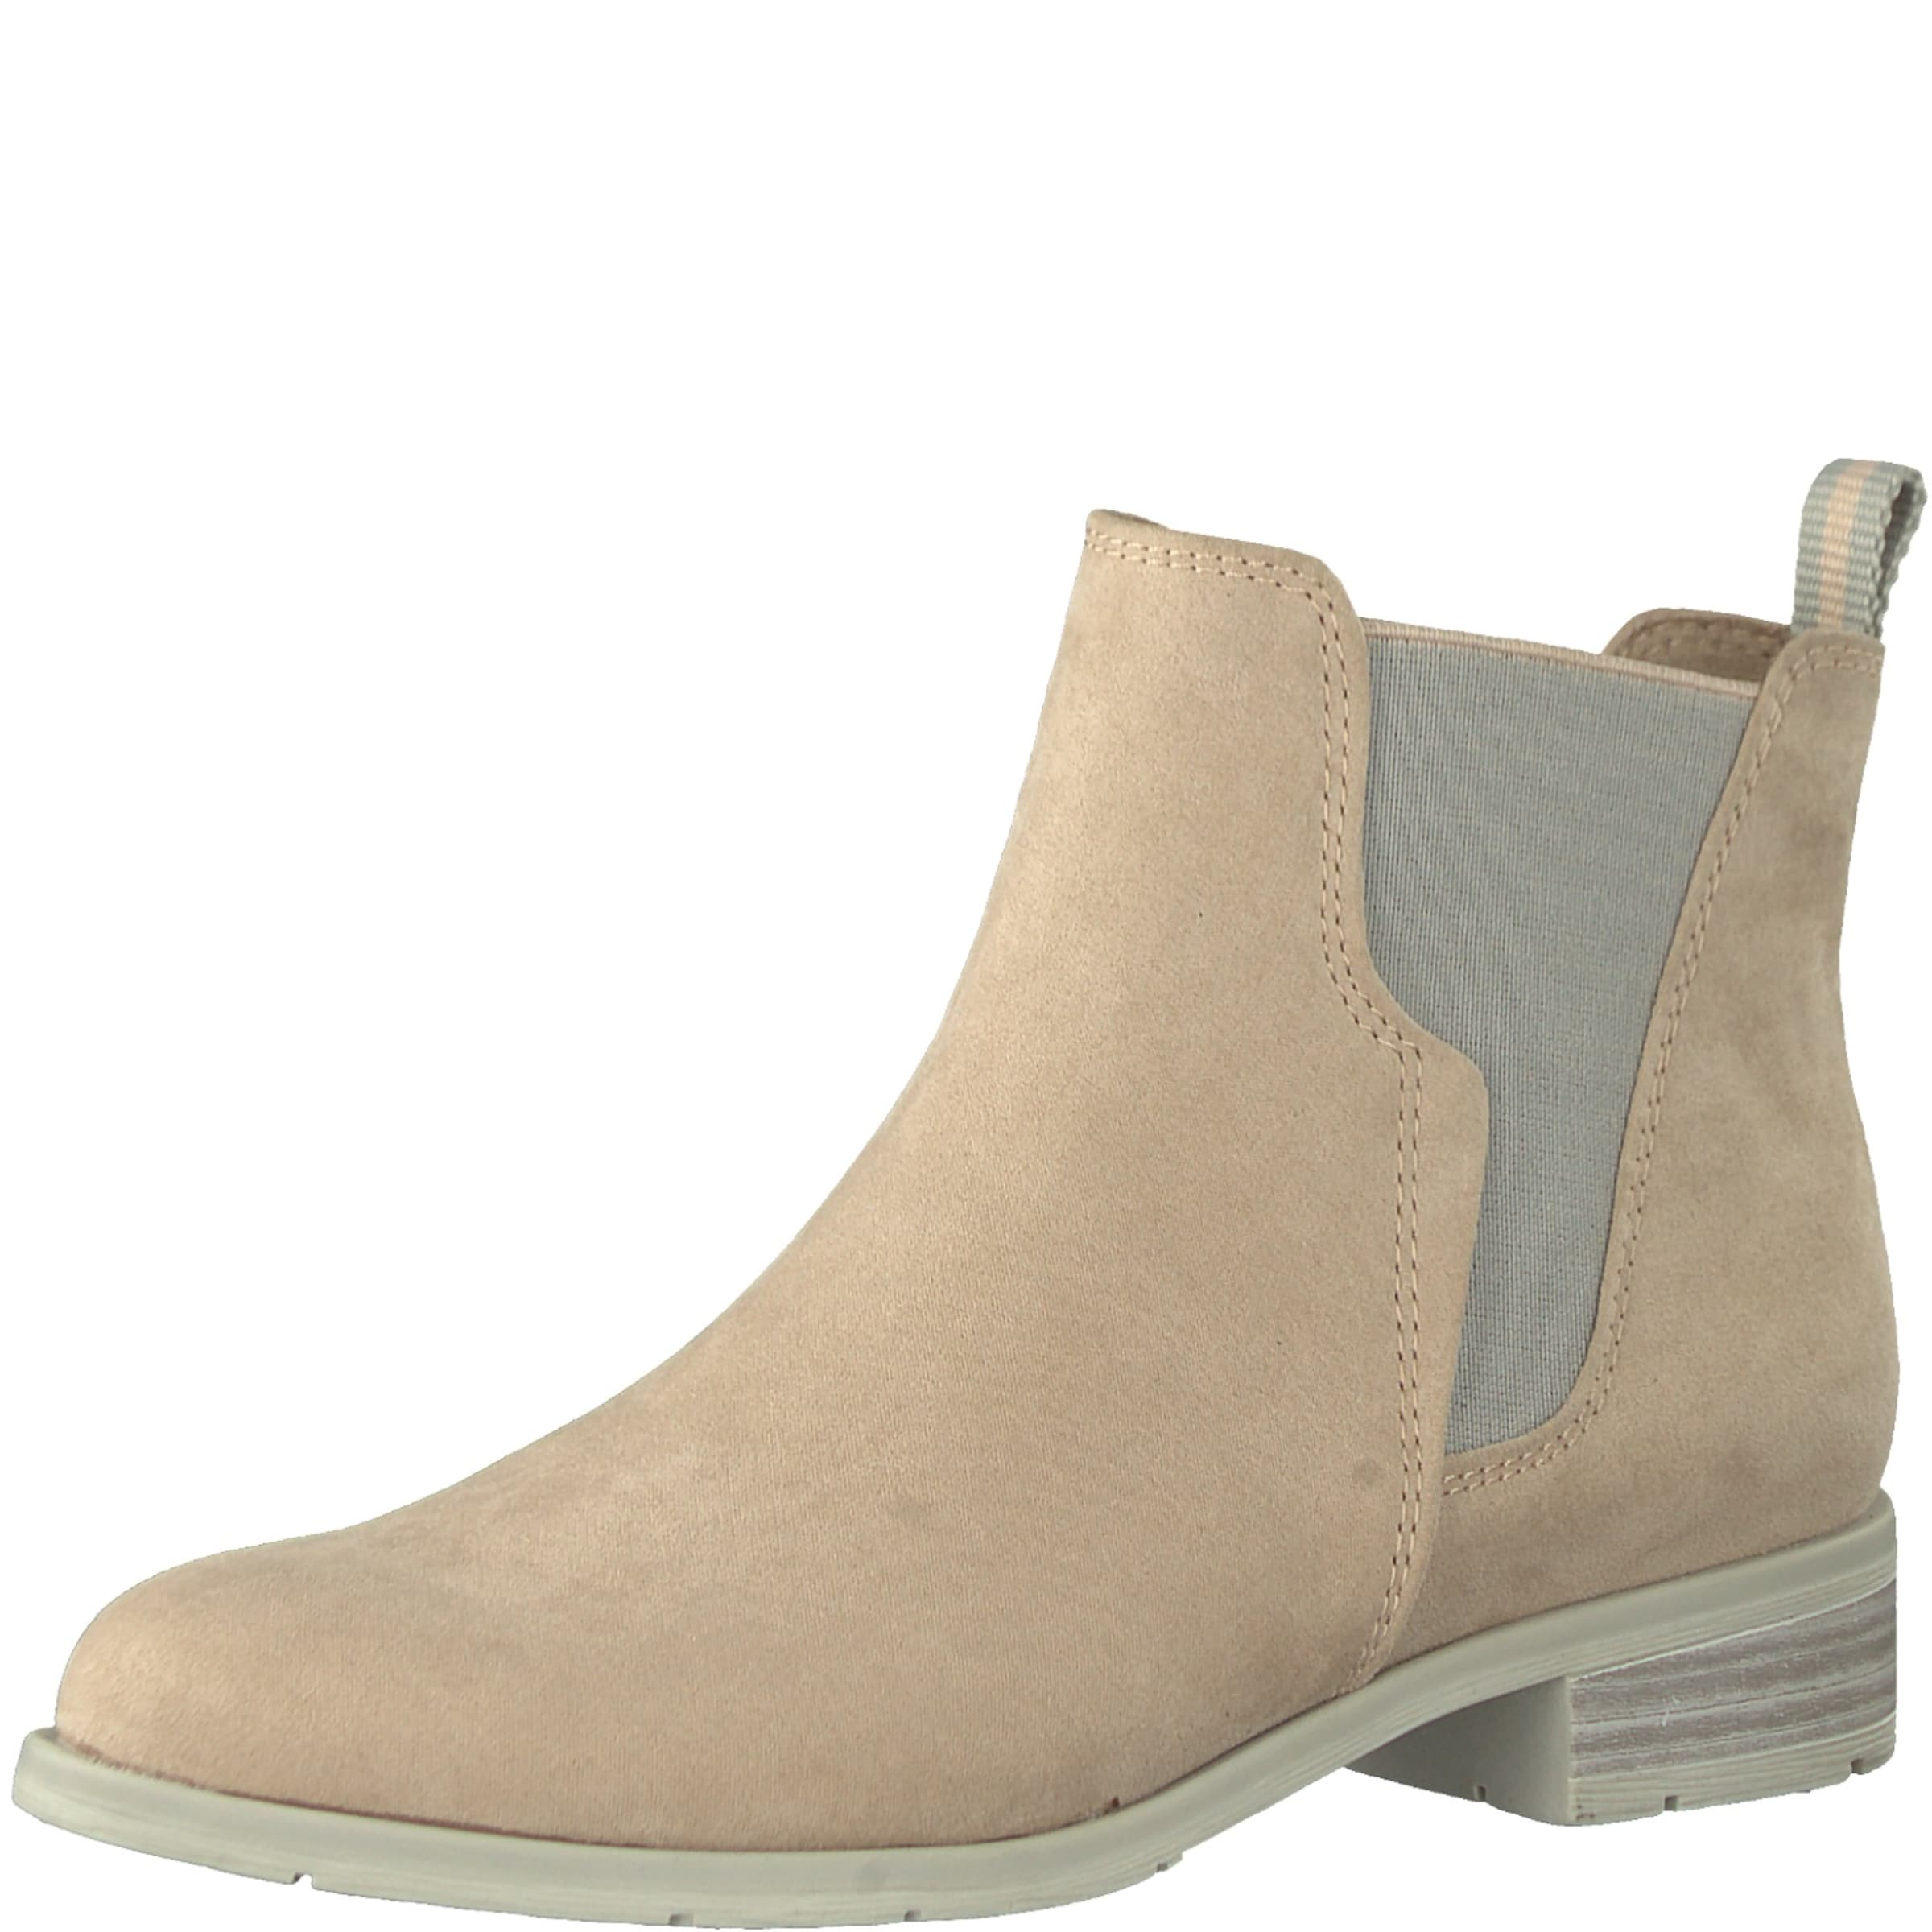 MARCO TOZZI Chelsea Stiefelette Günstige und langlebige Schuhe